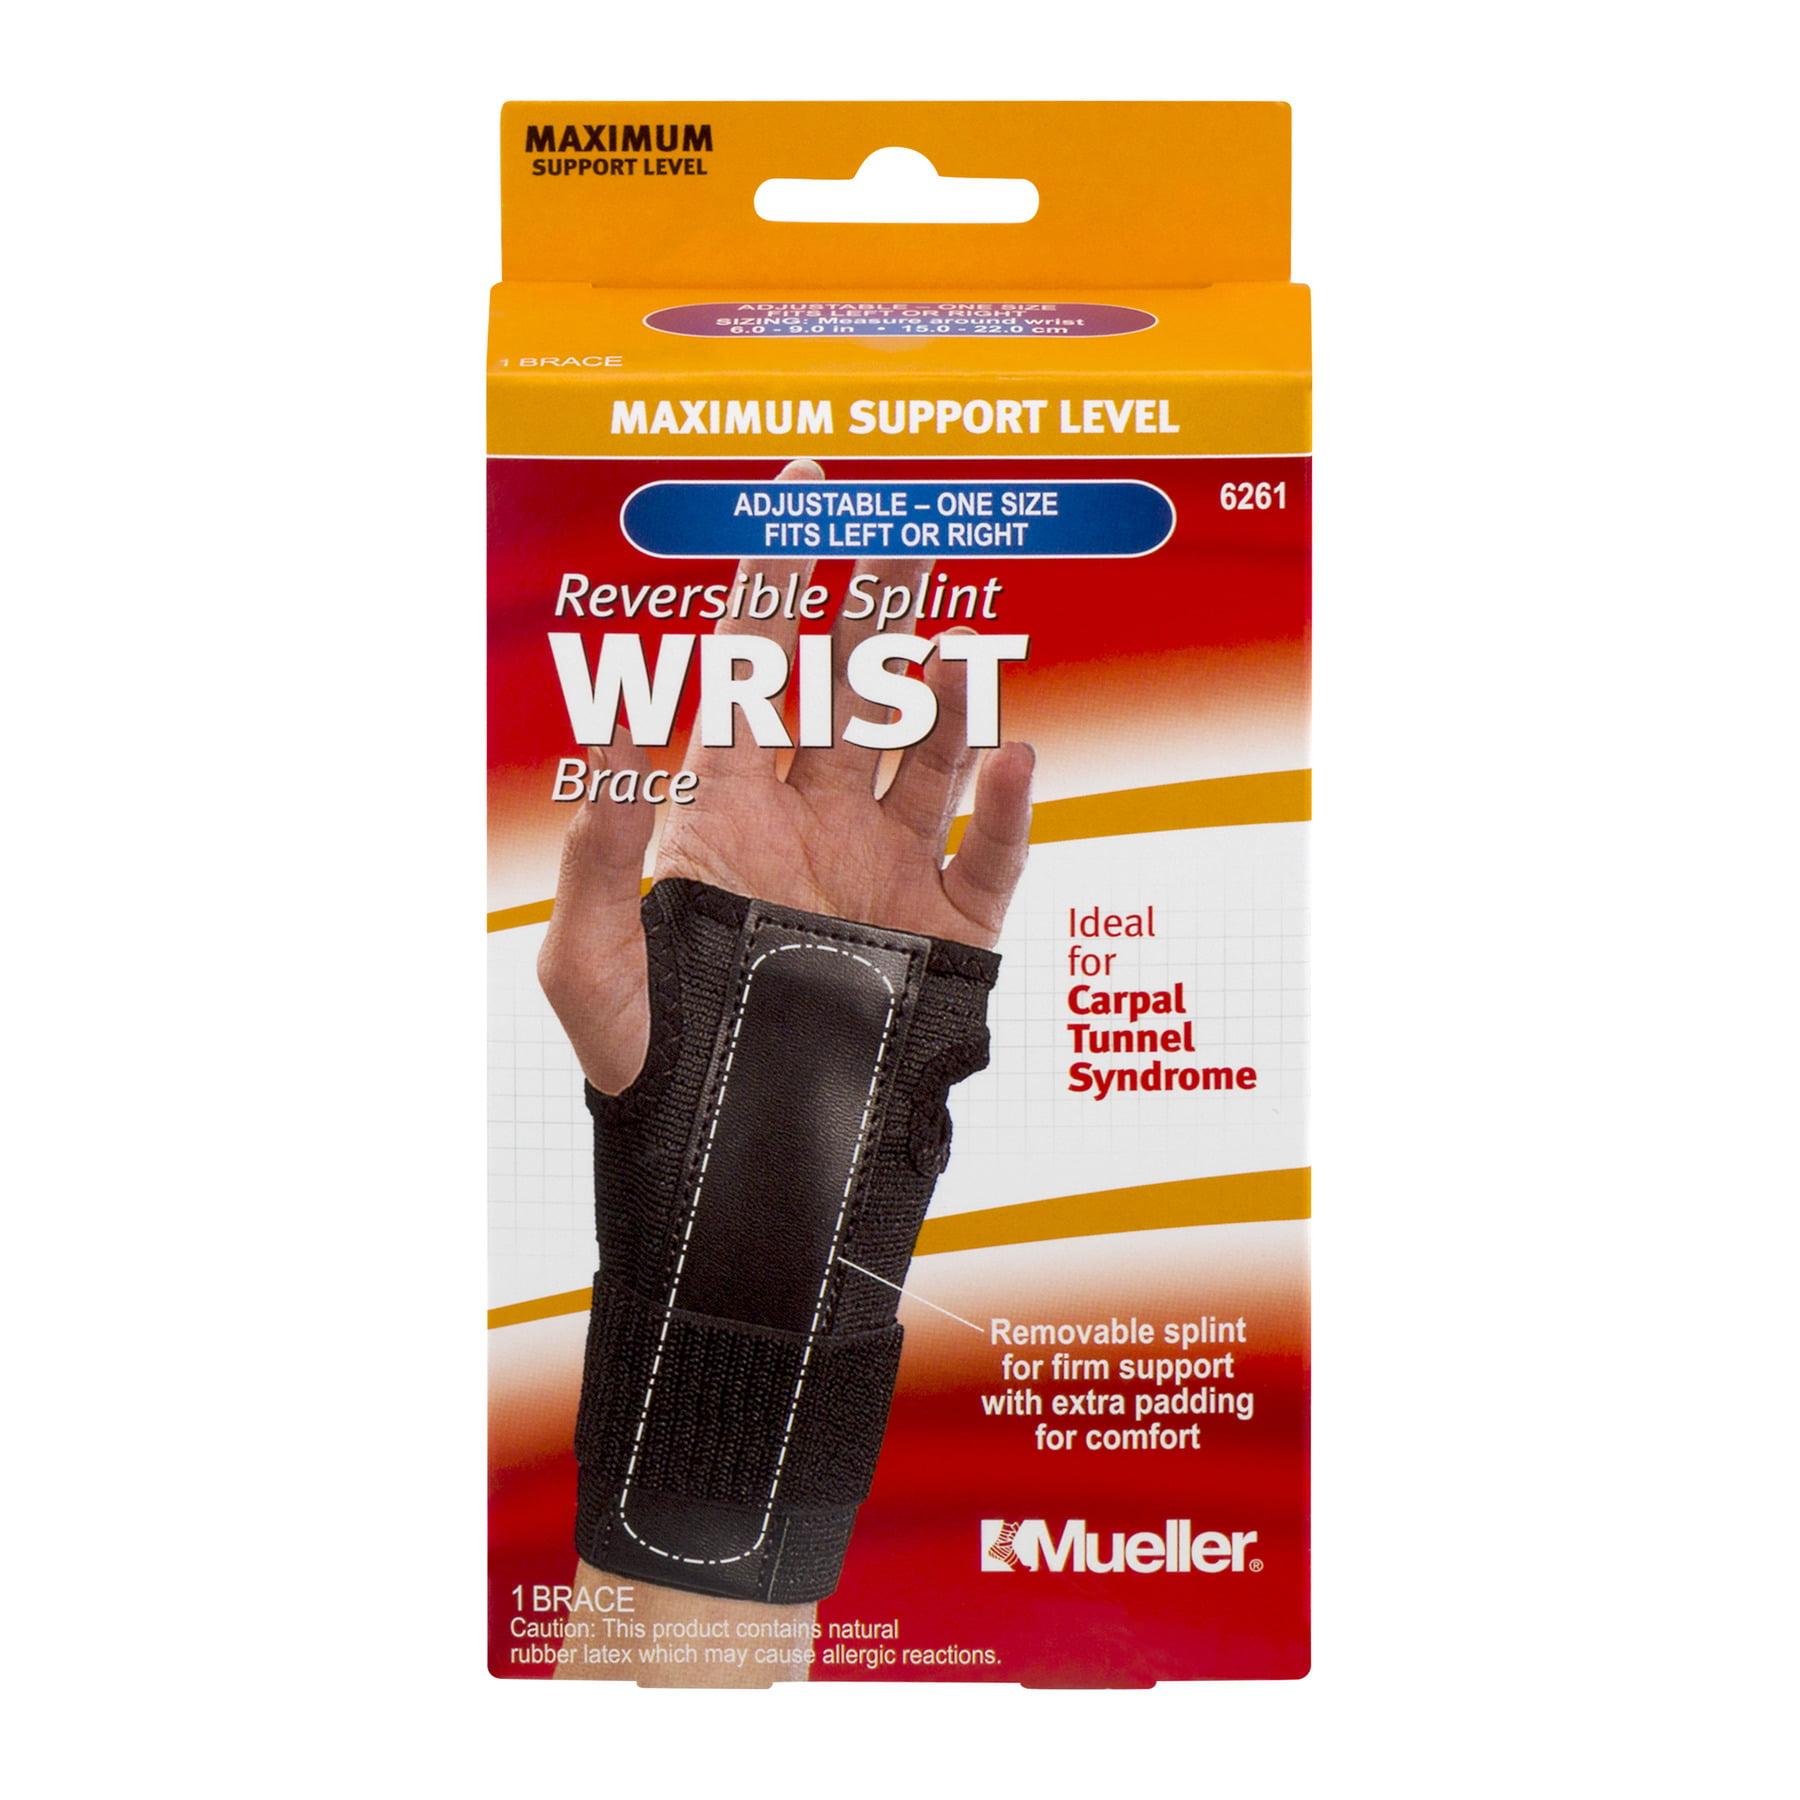 Mueller Reversible Splint Wrist Brace, 1.0 CT